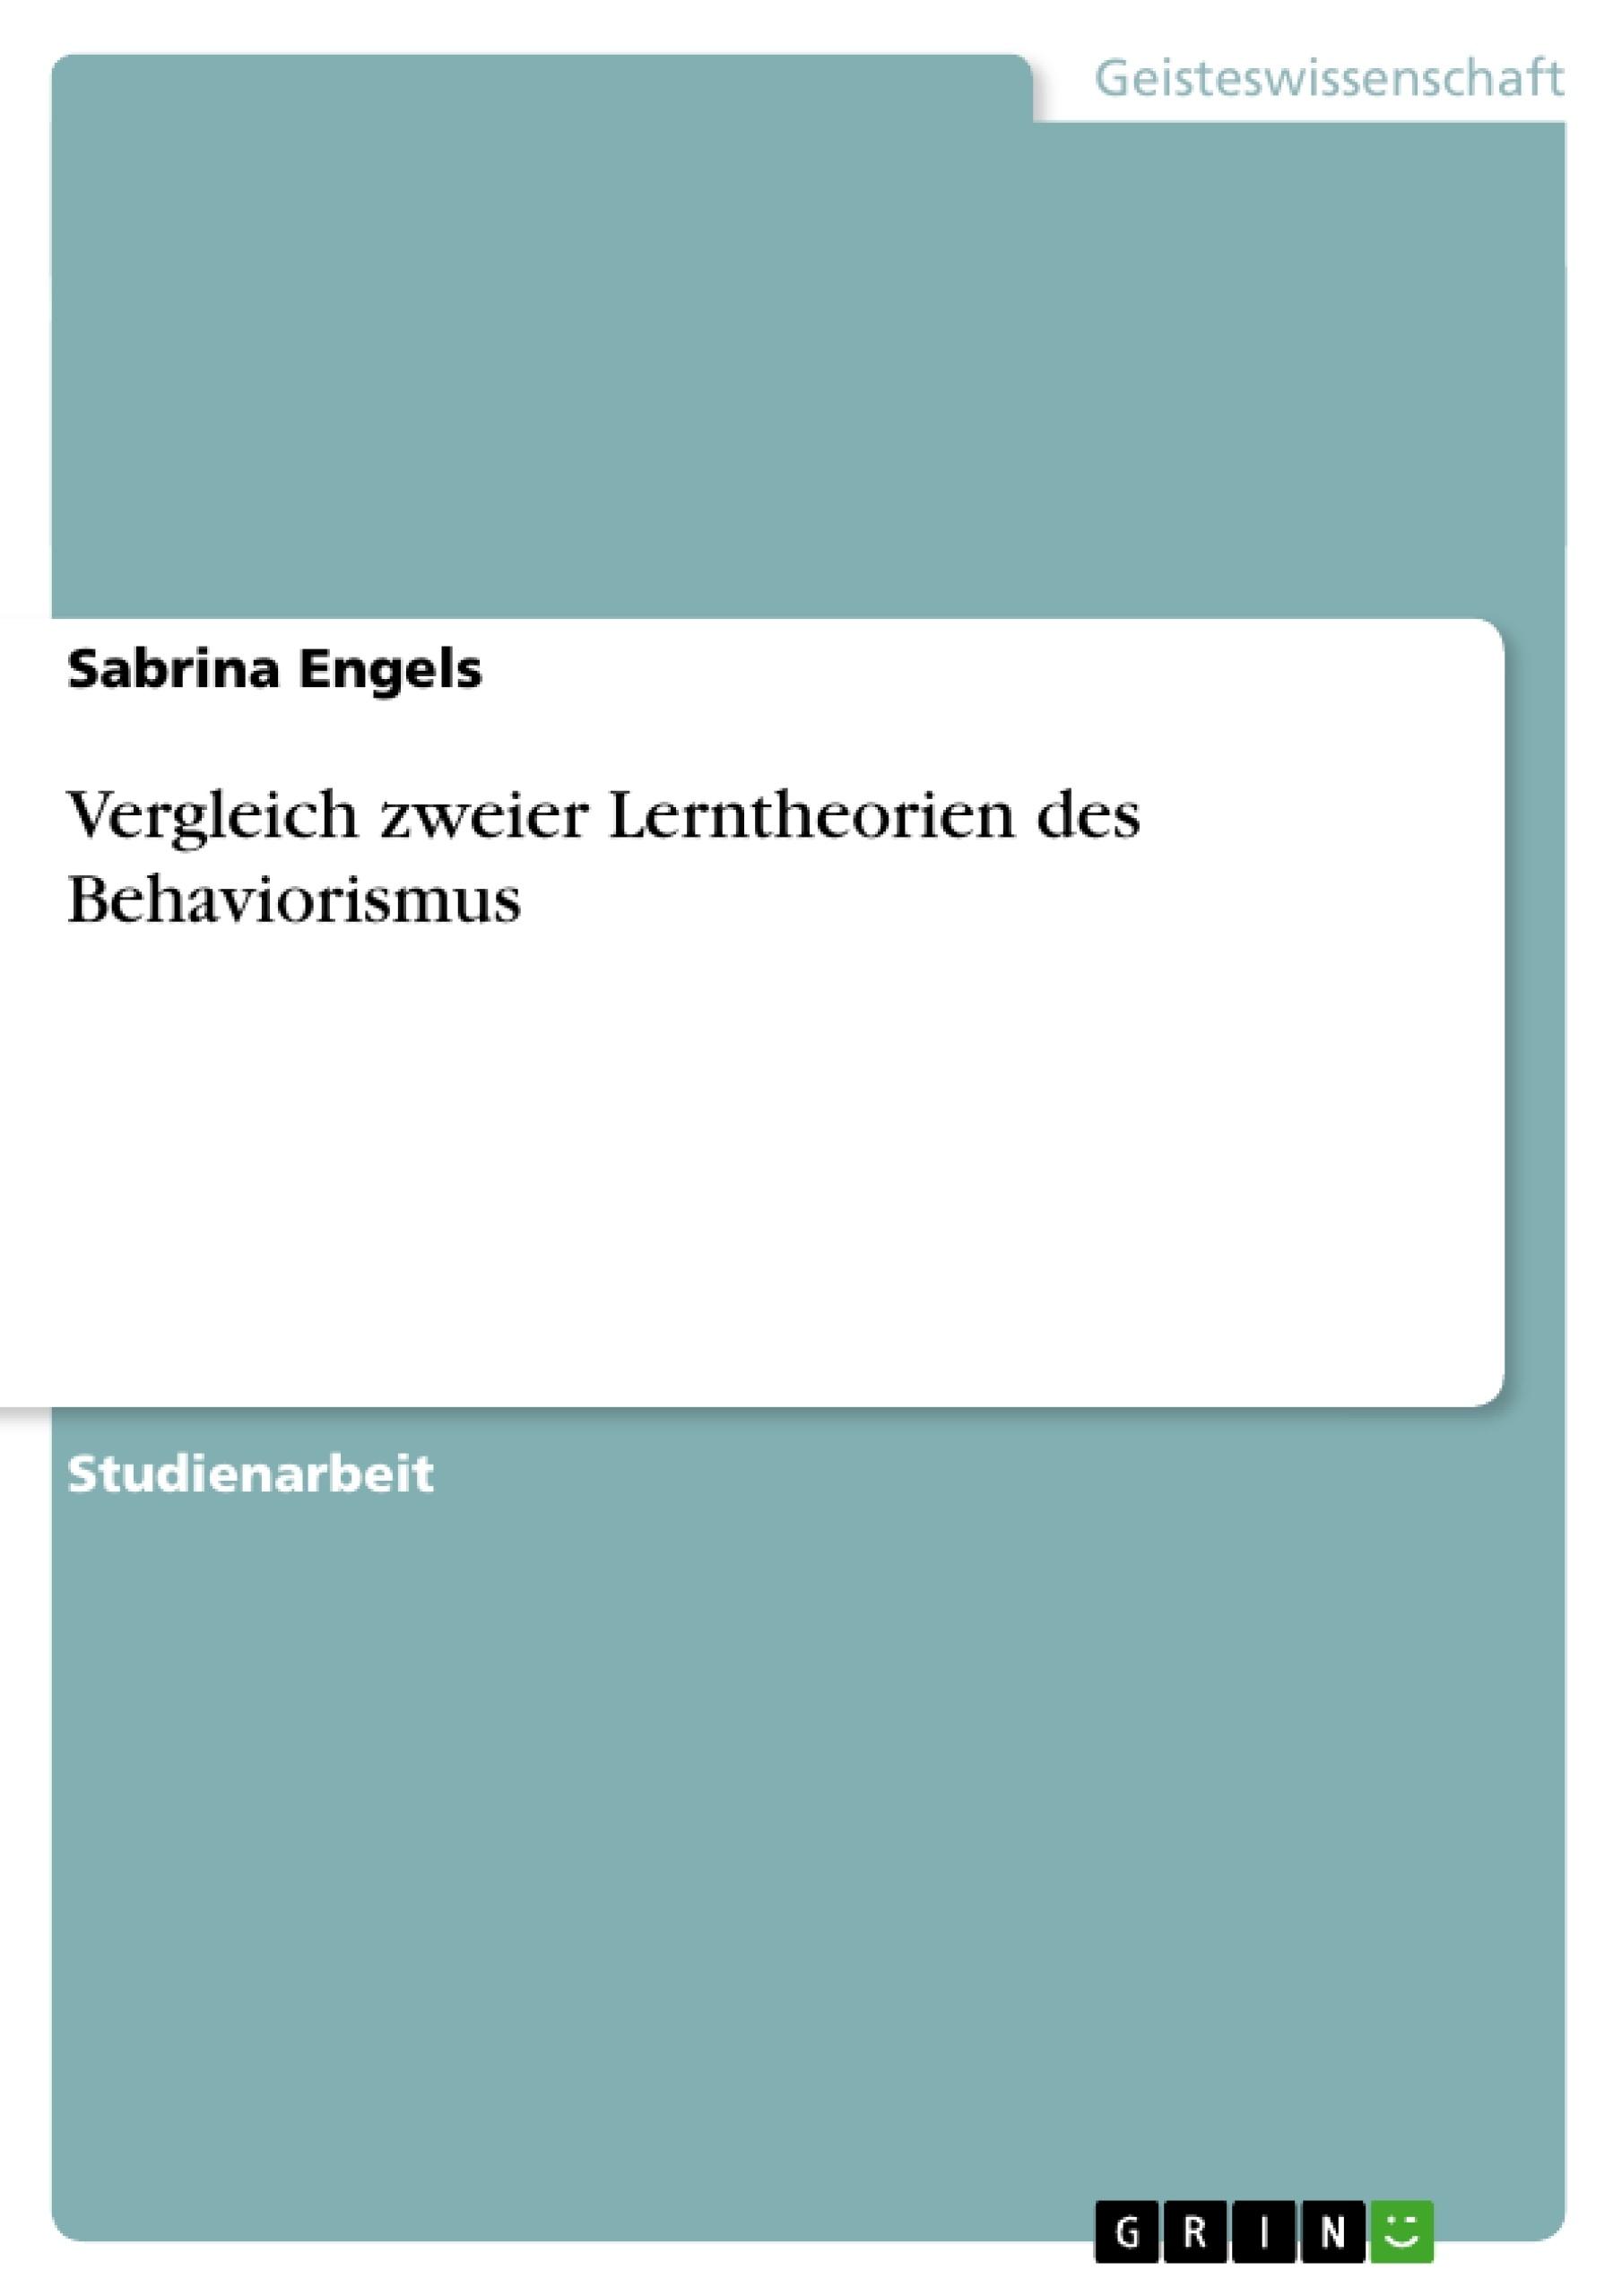 Titel: Vergleich zweier Lerntheorien des Behaviorismus